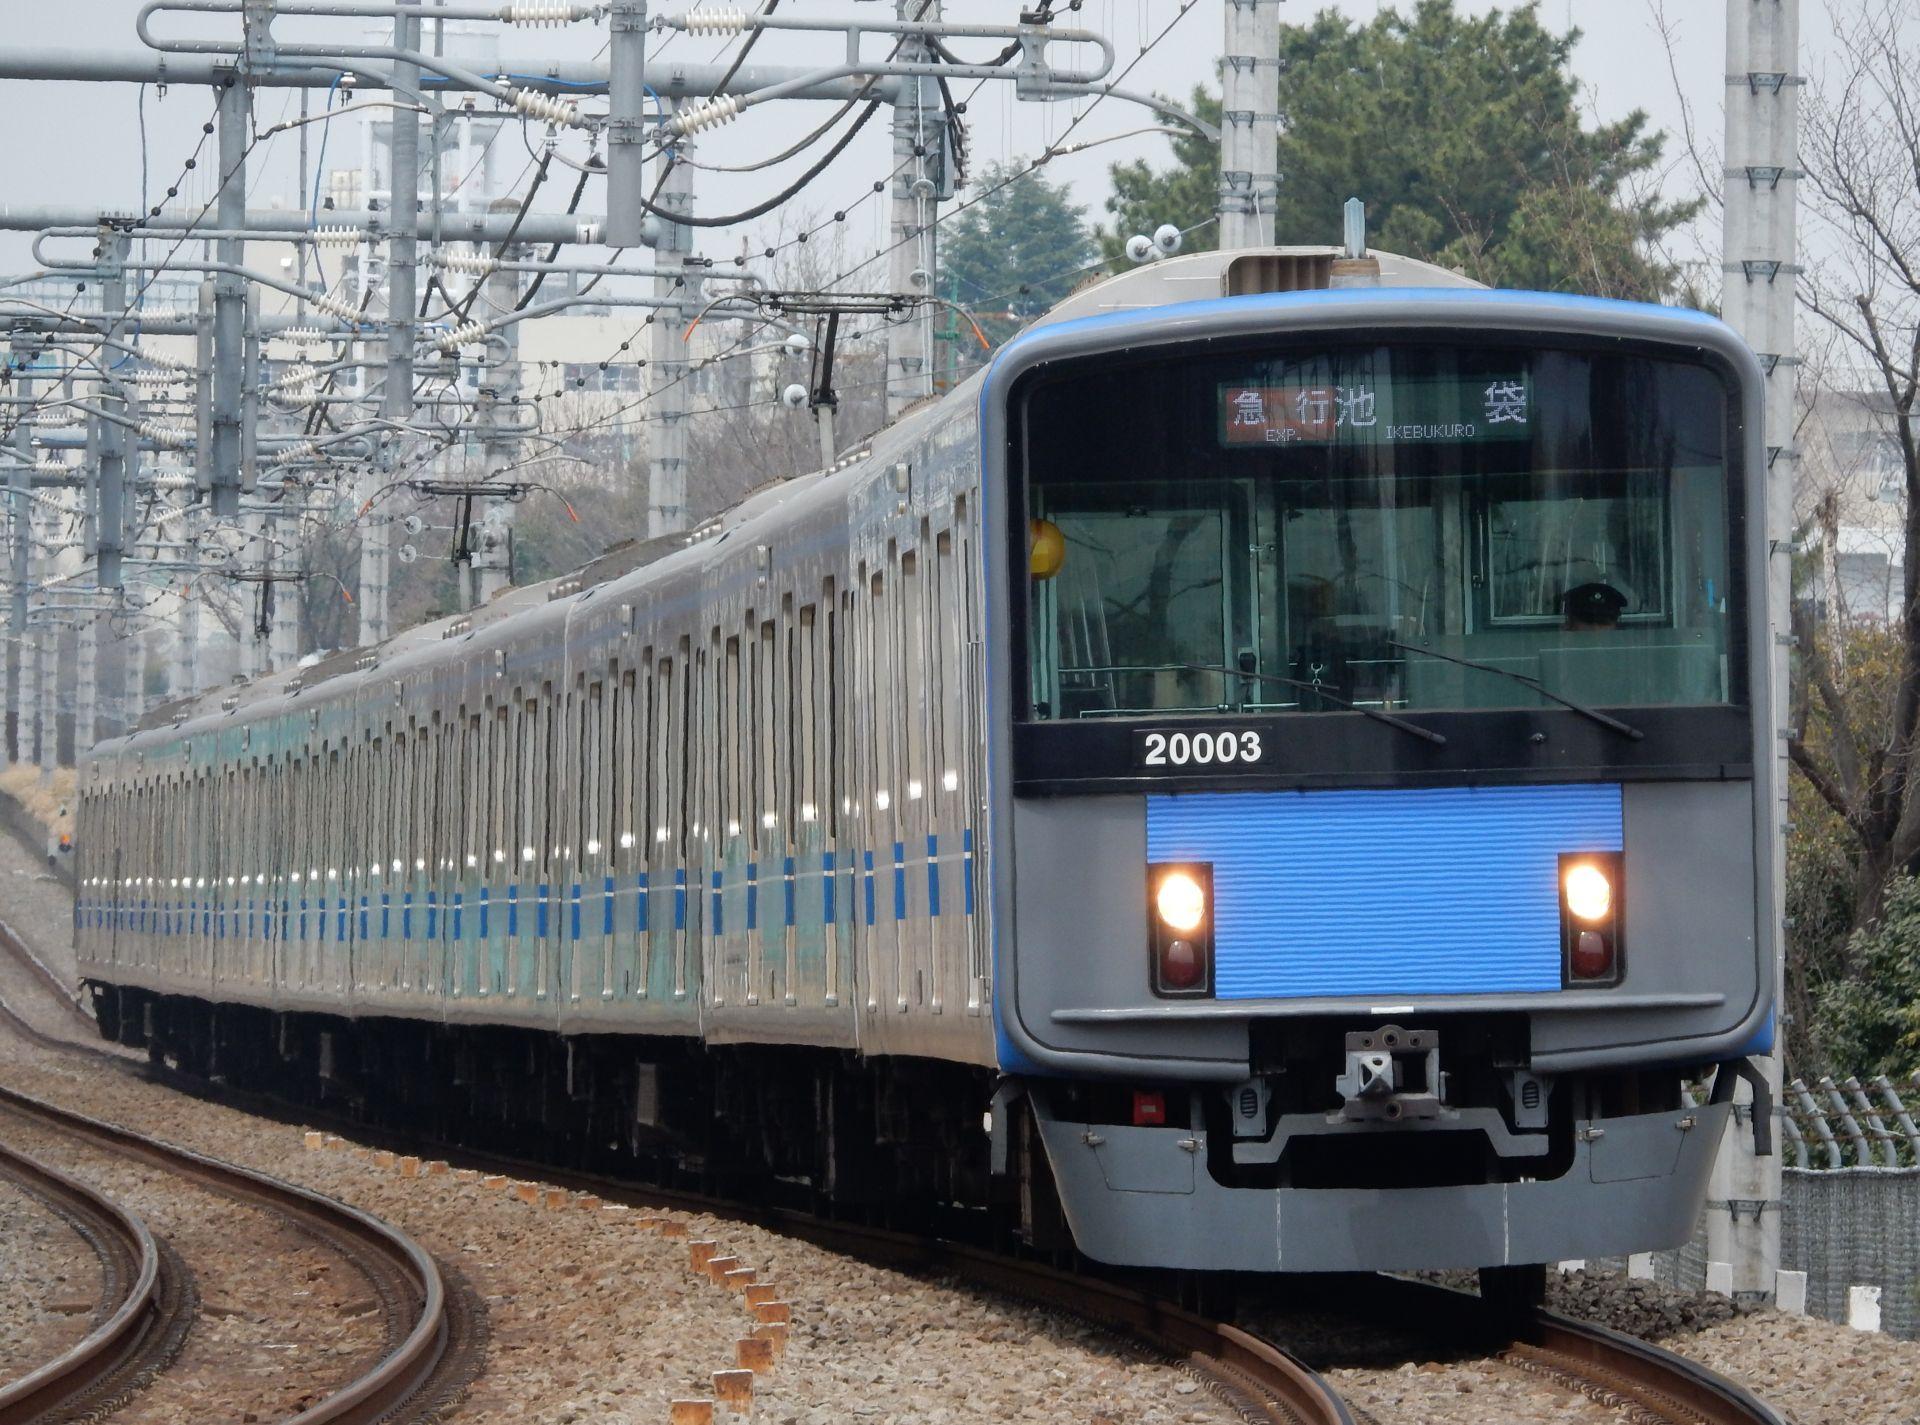 DSCN6330 - コピー